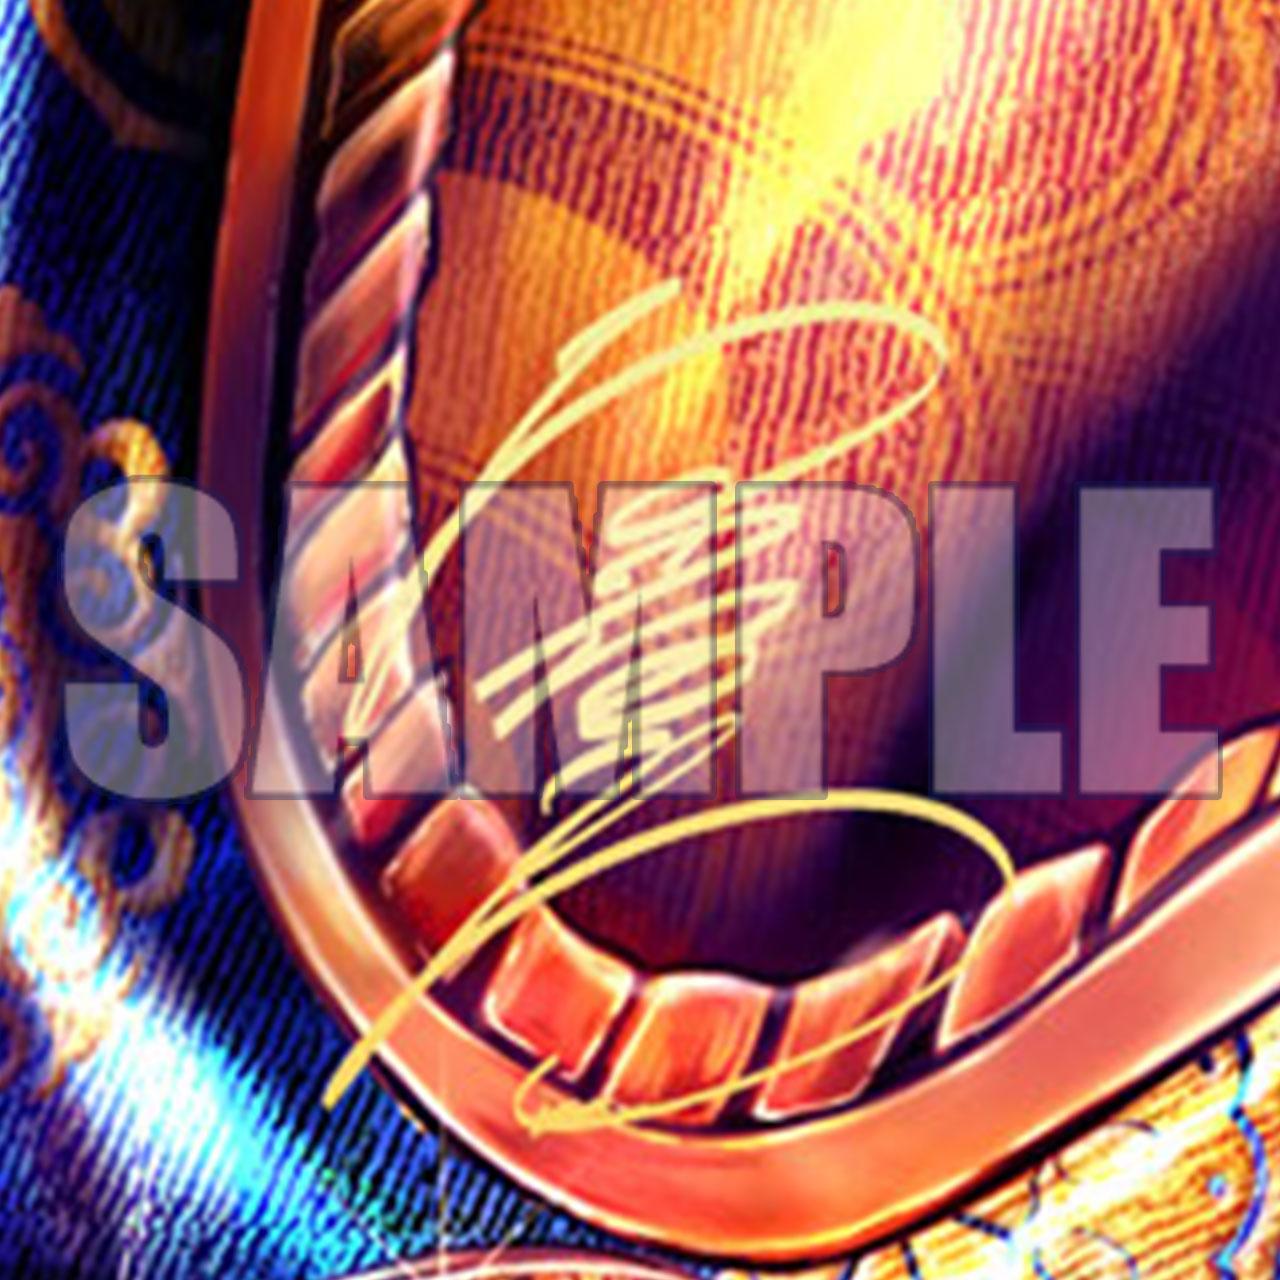 熱血タペストリー B 金色箔押しサイン付きver.イメージ